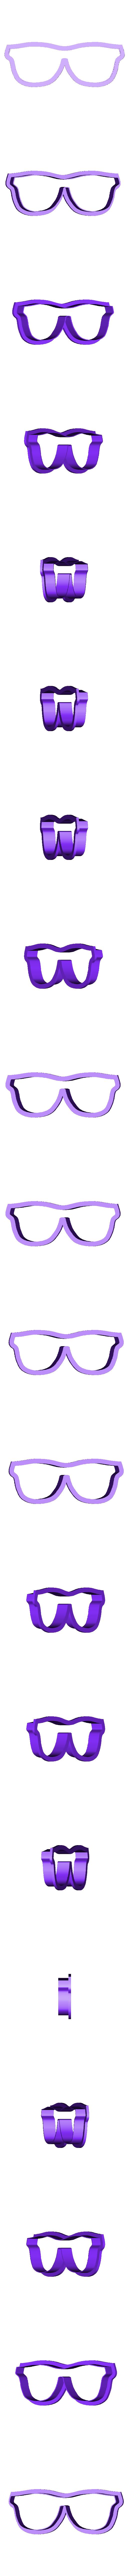 959 Lentes 2.stl Download STL file sharp glasses • 3D printable design, juanchininaiara